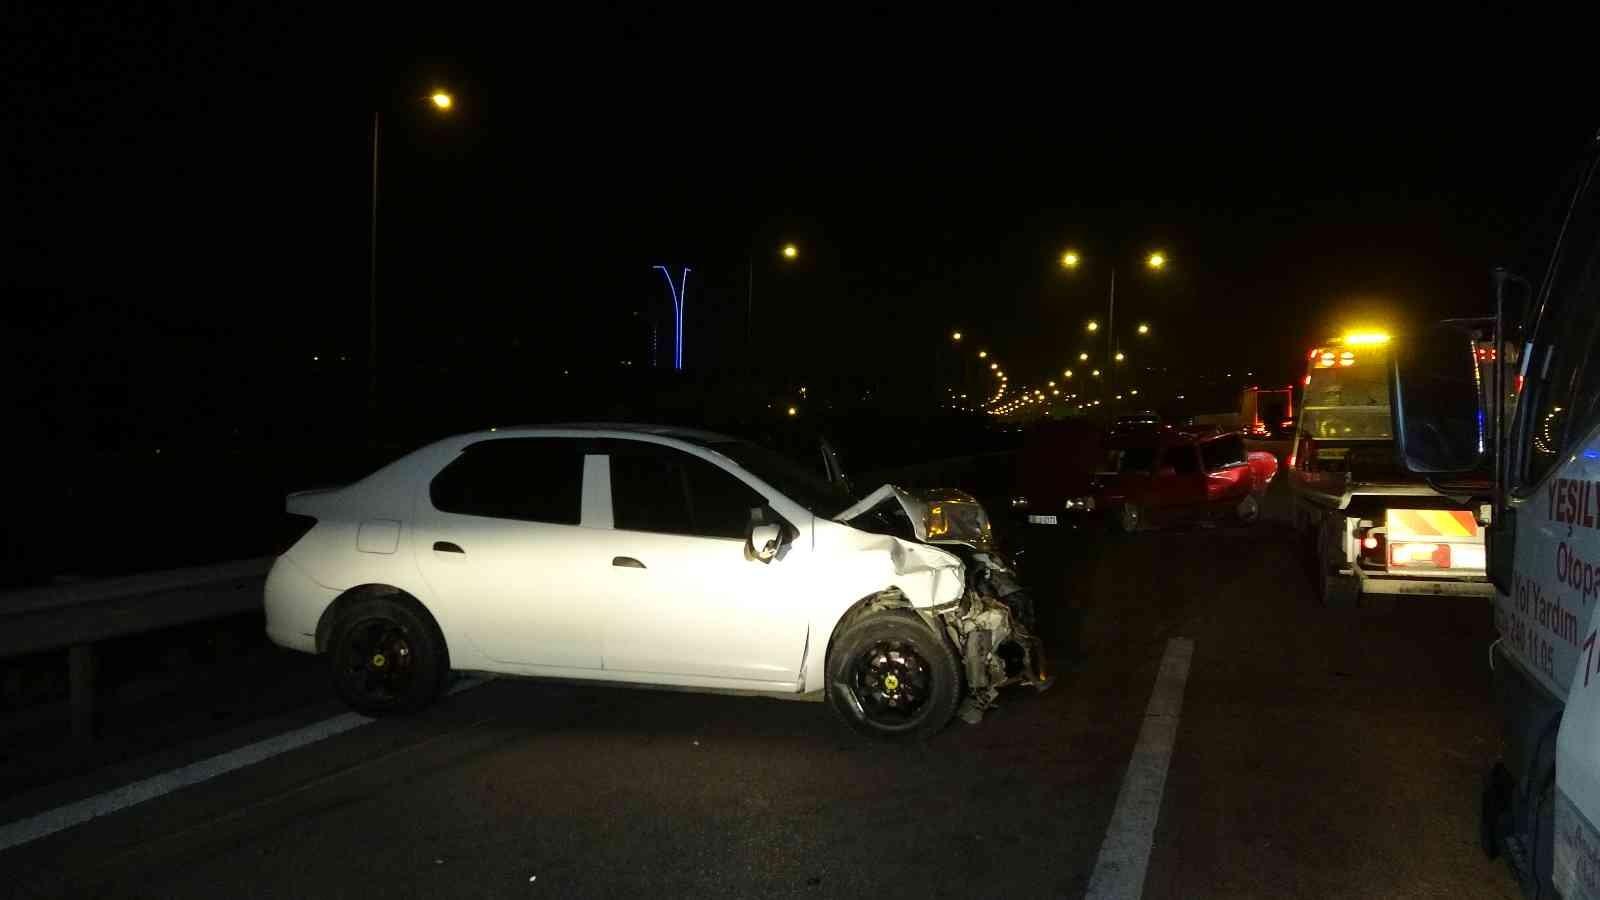 Bursa'da feci kaza…20 yaşındaki genç kız hayatını kaybetti